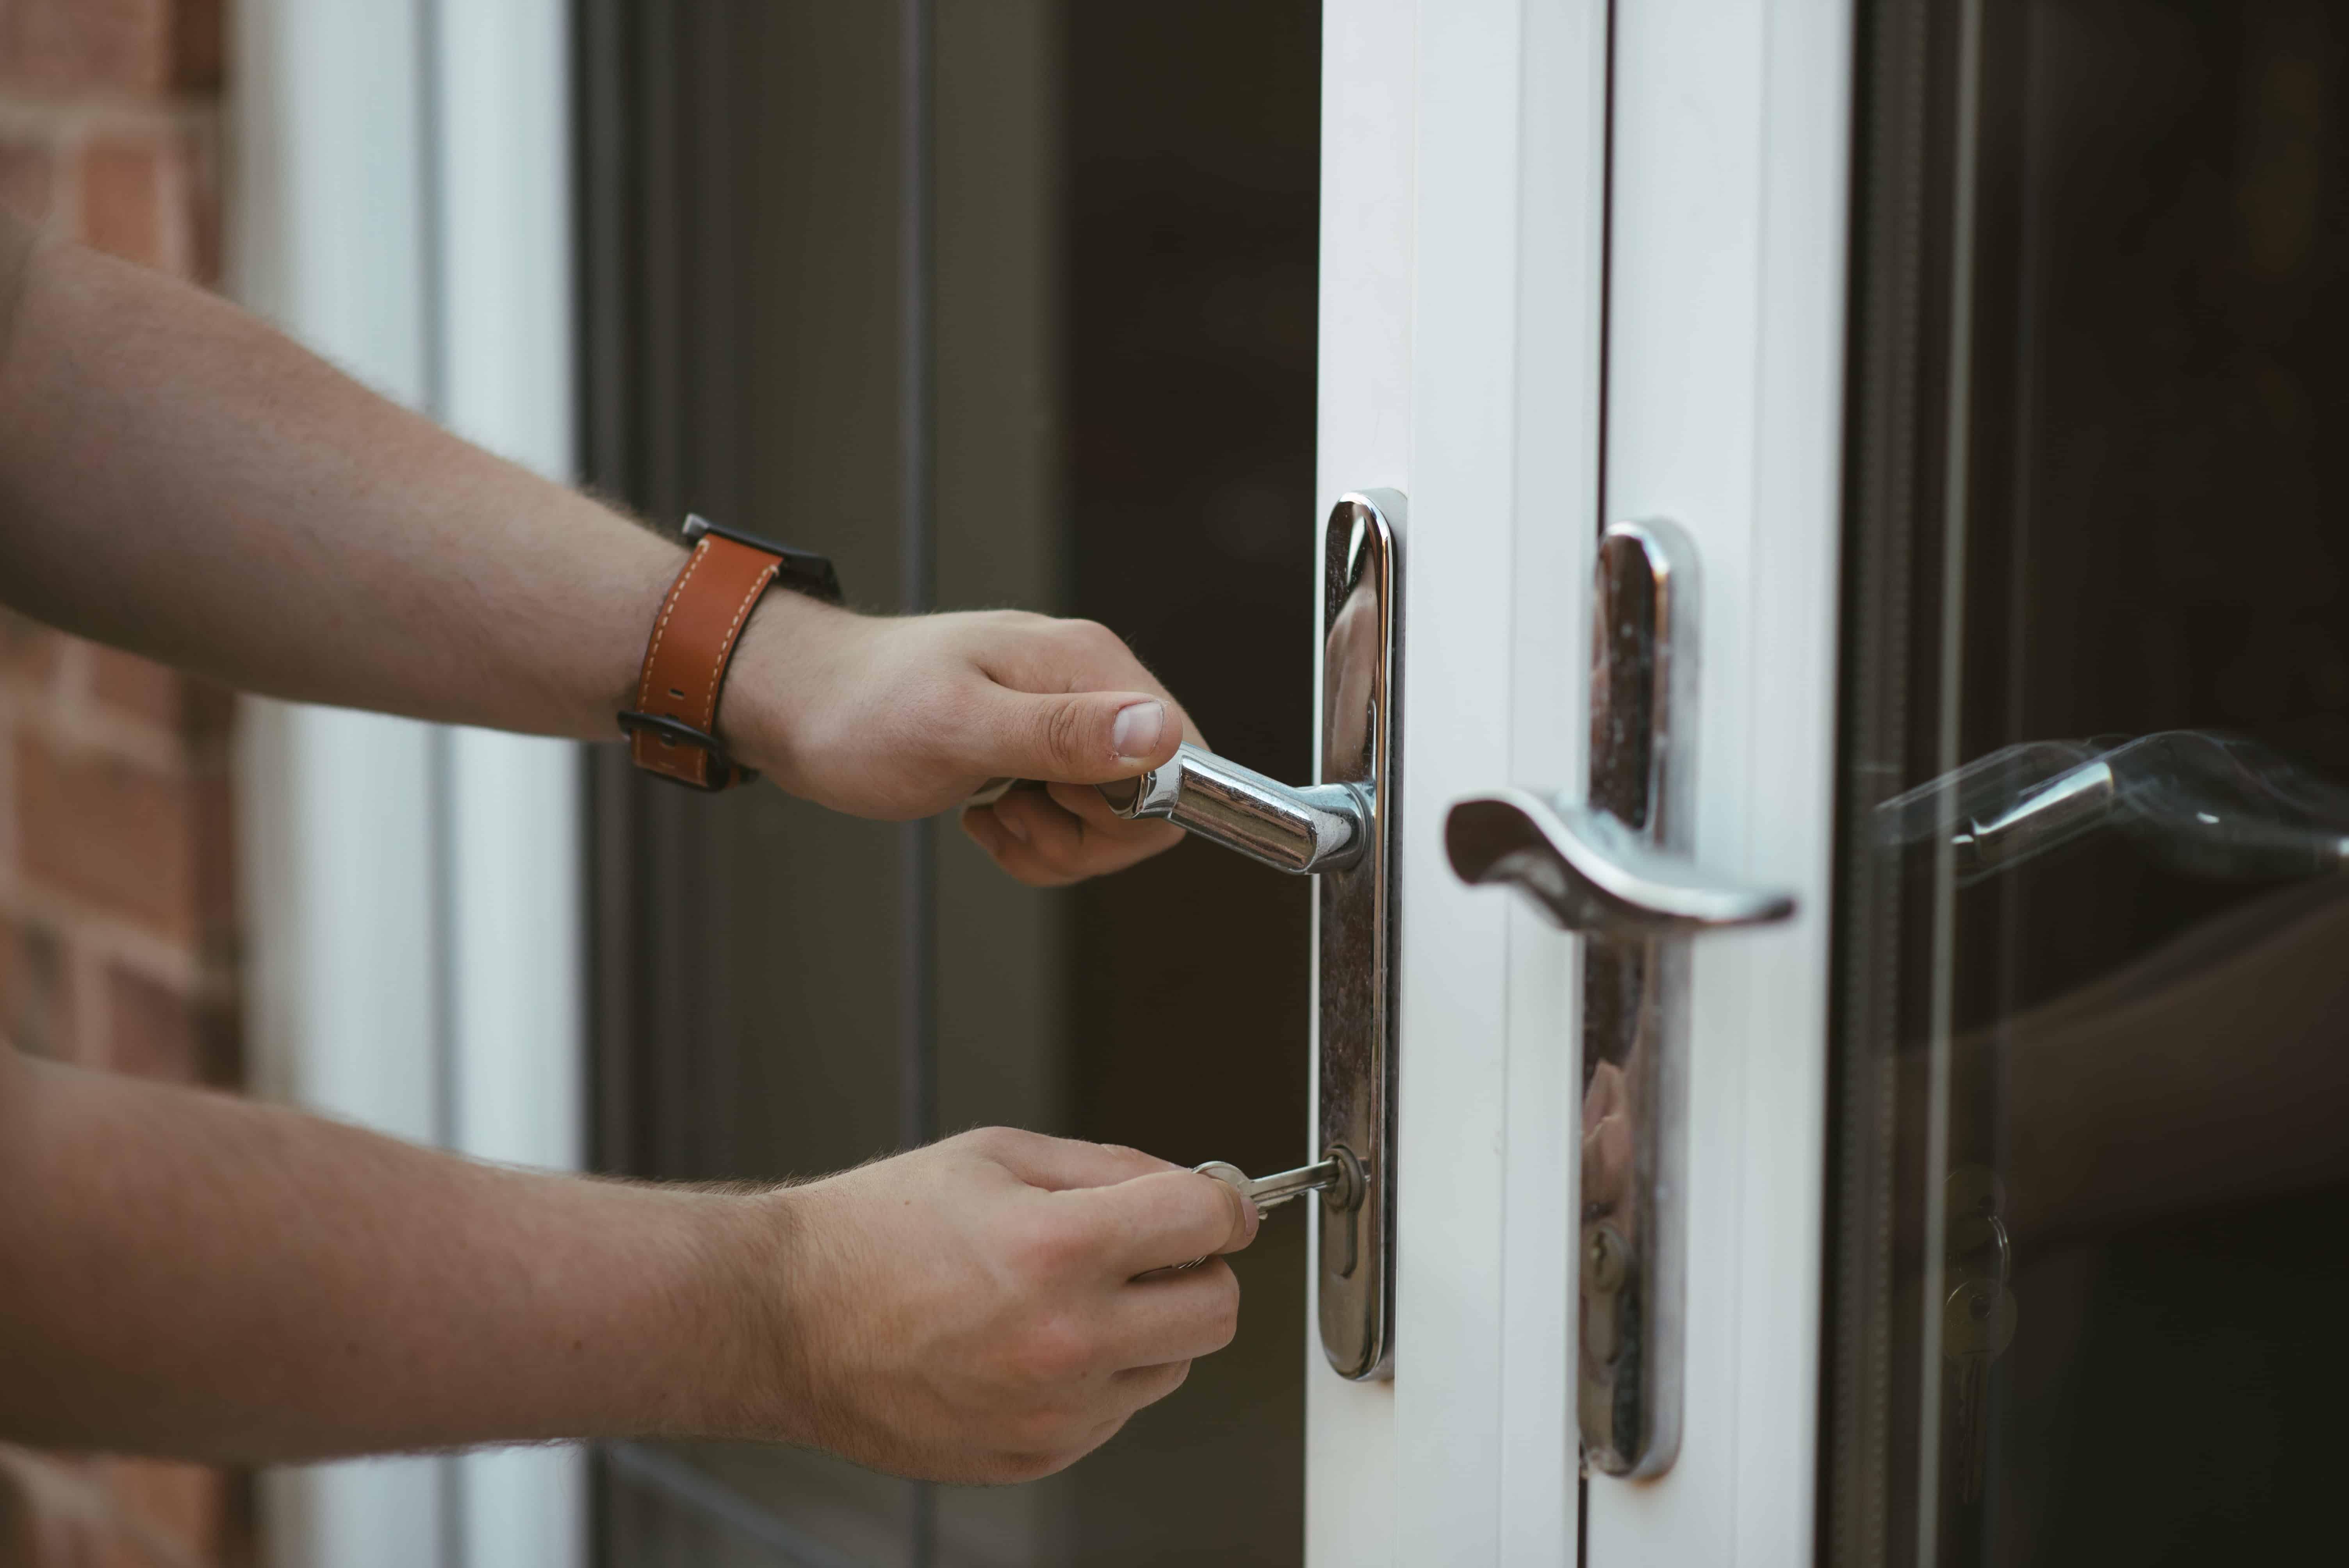 Haustürschloss Test 2020: Die besten Haustürschlösser im Vergleich